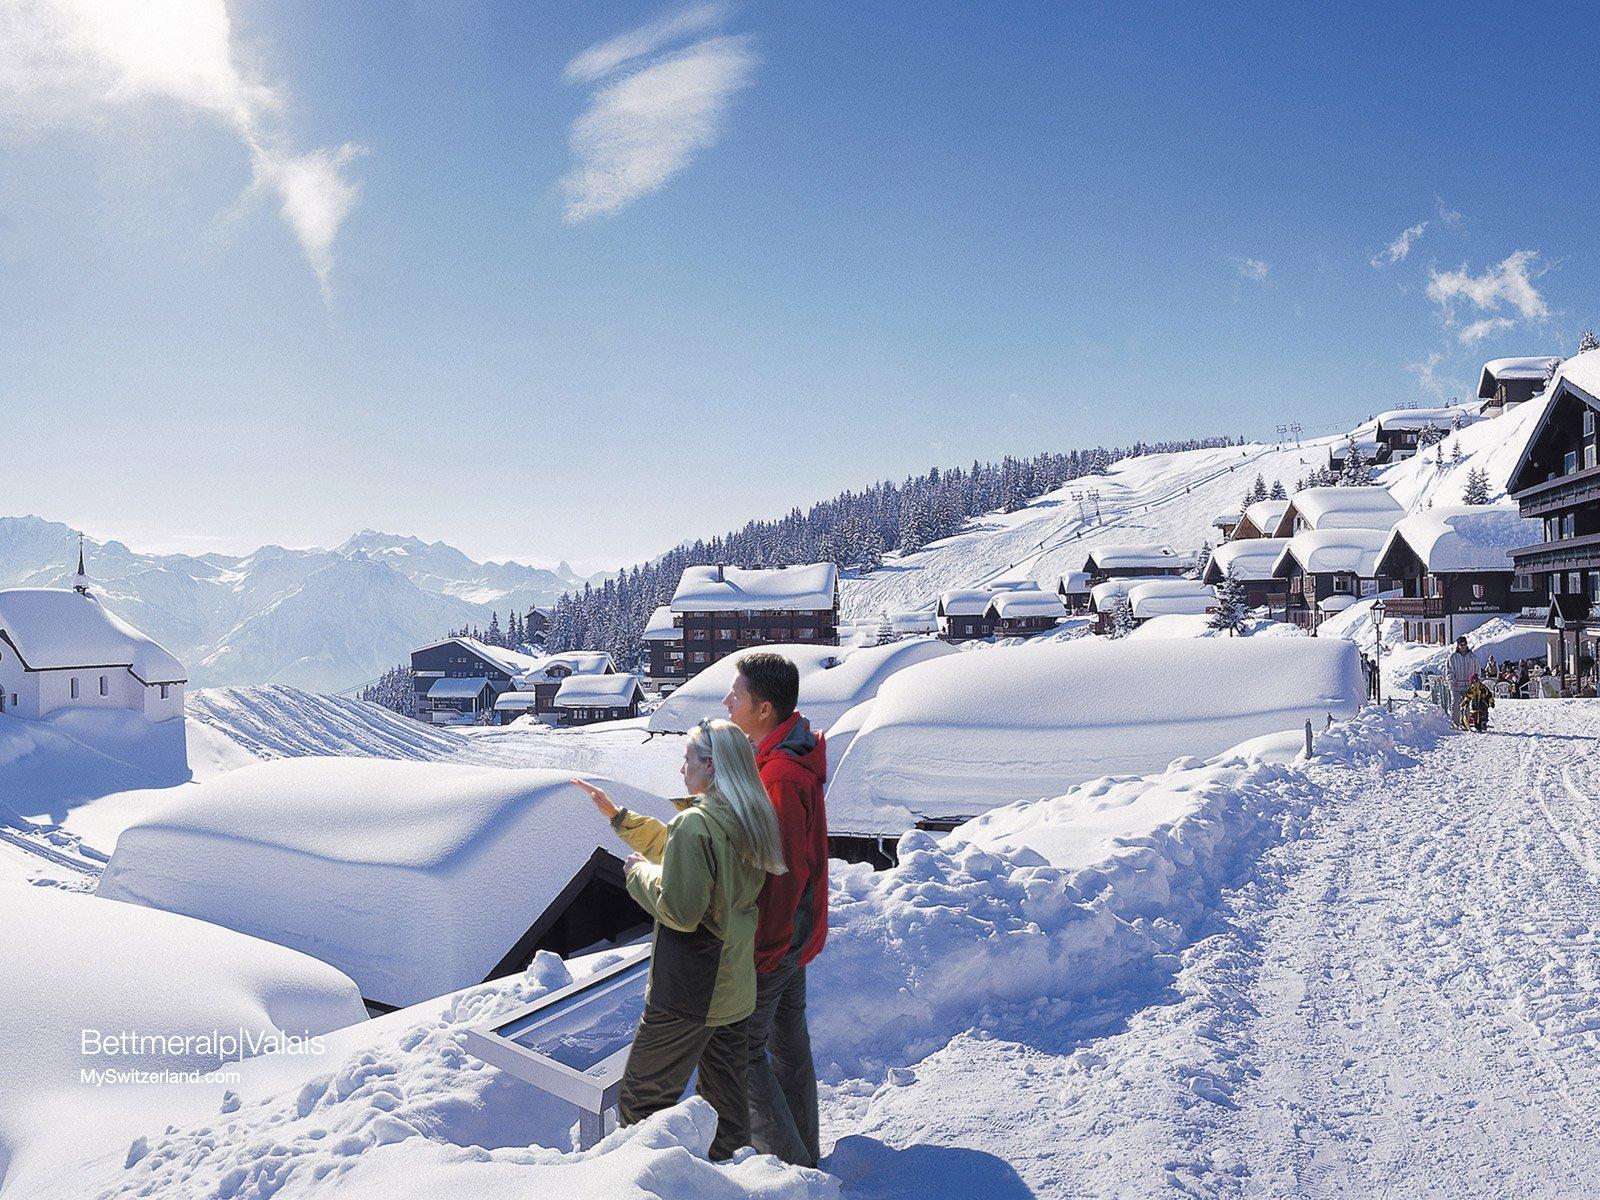 瑞典 享受滑雪的极地激情